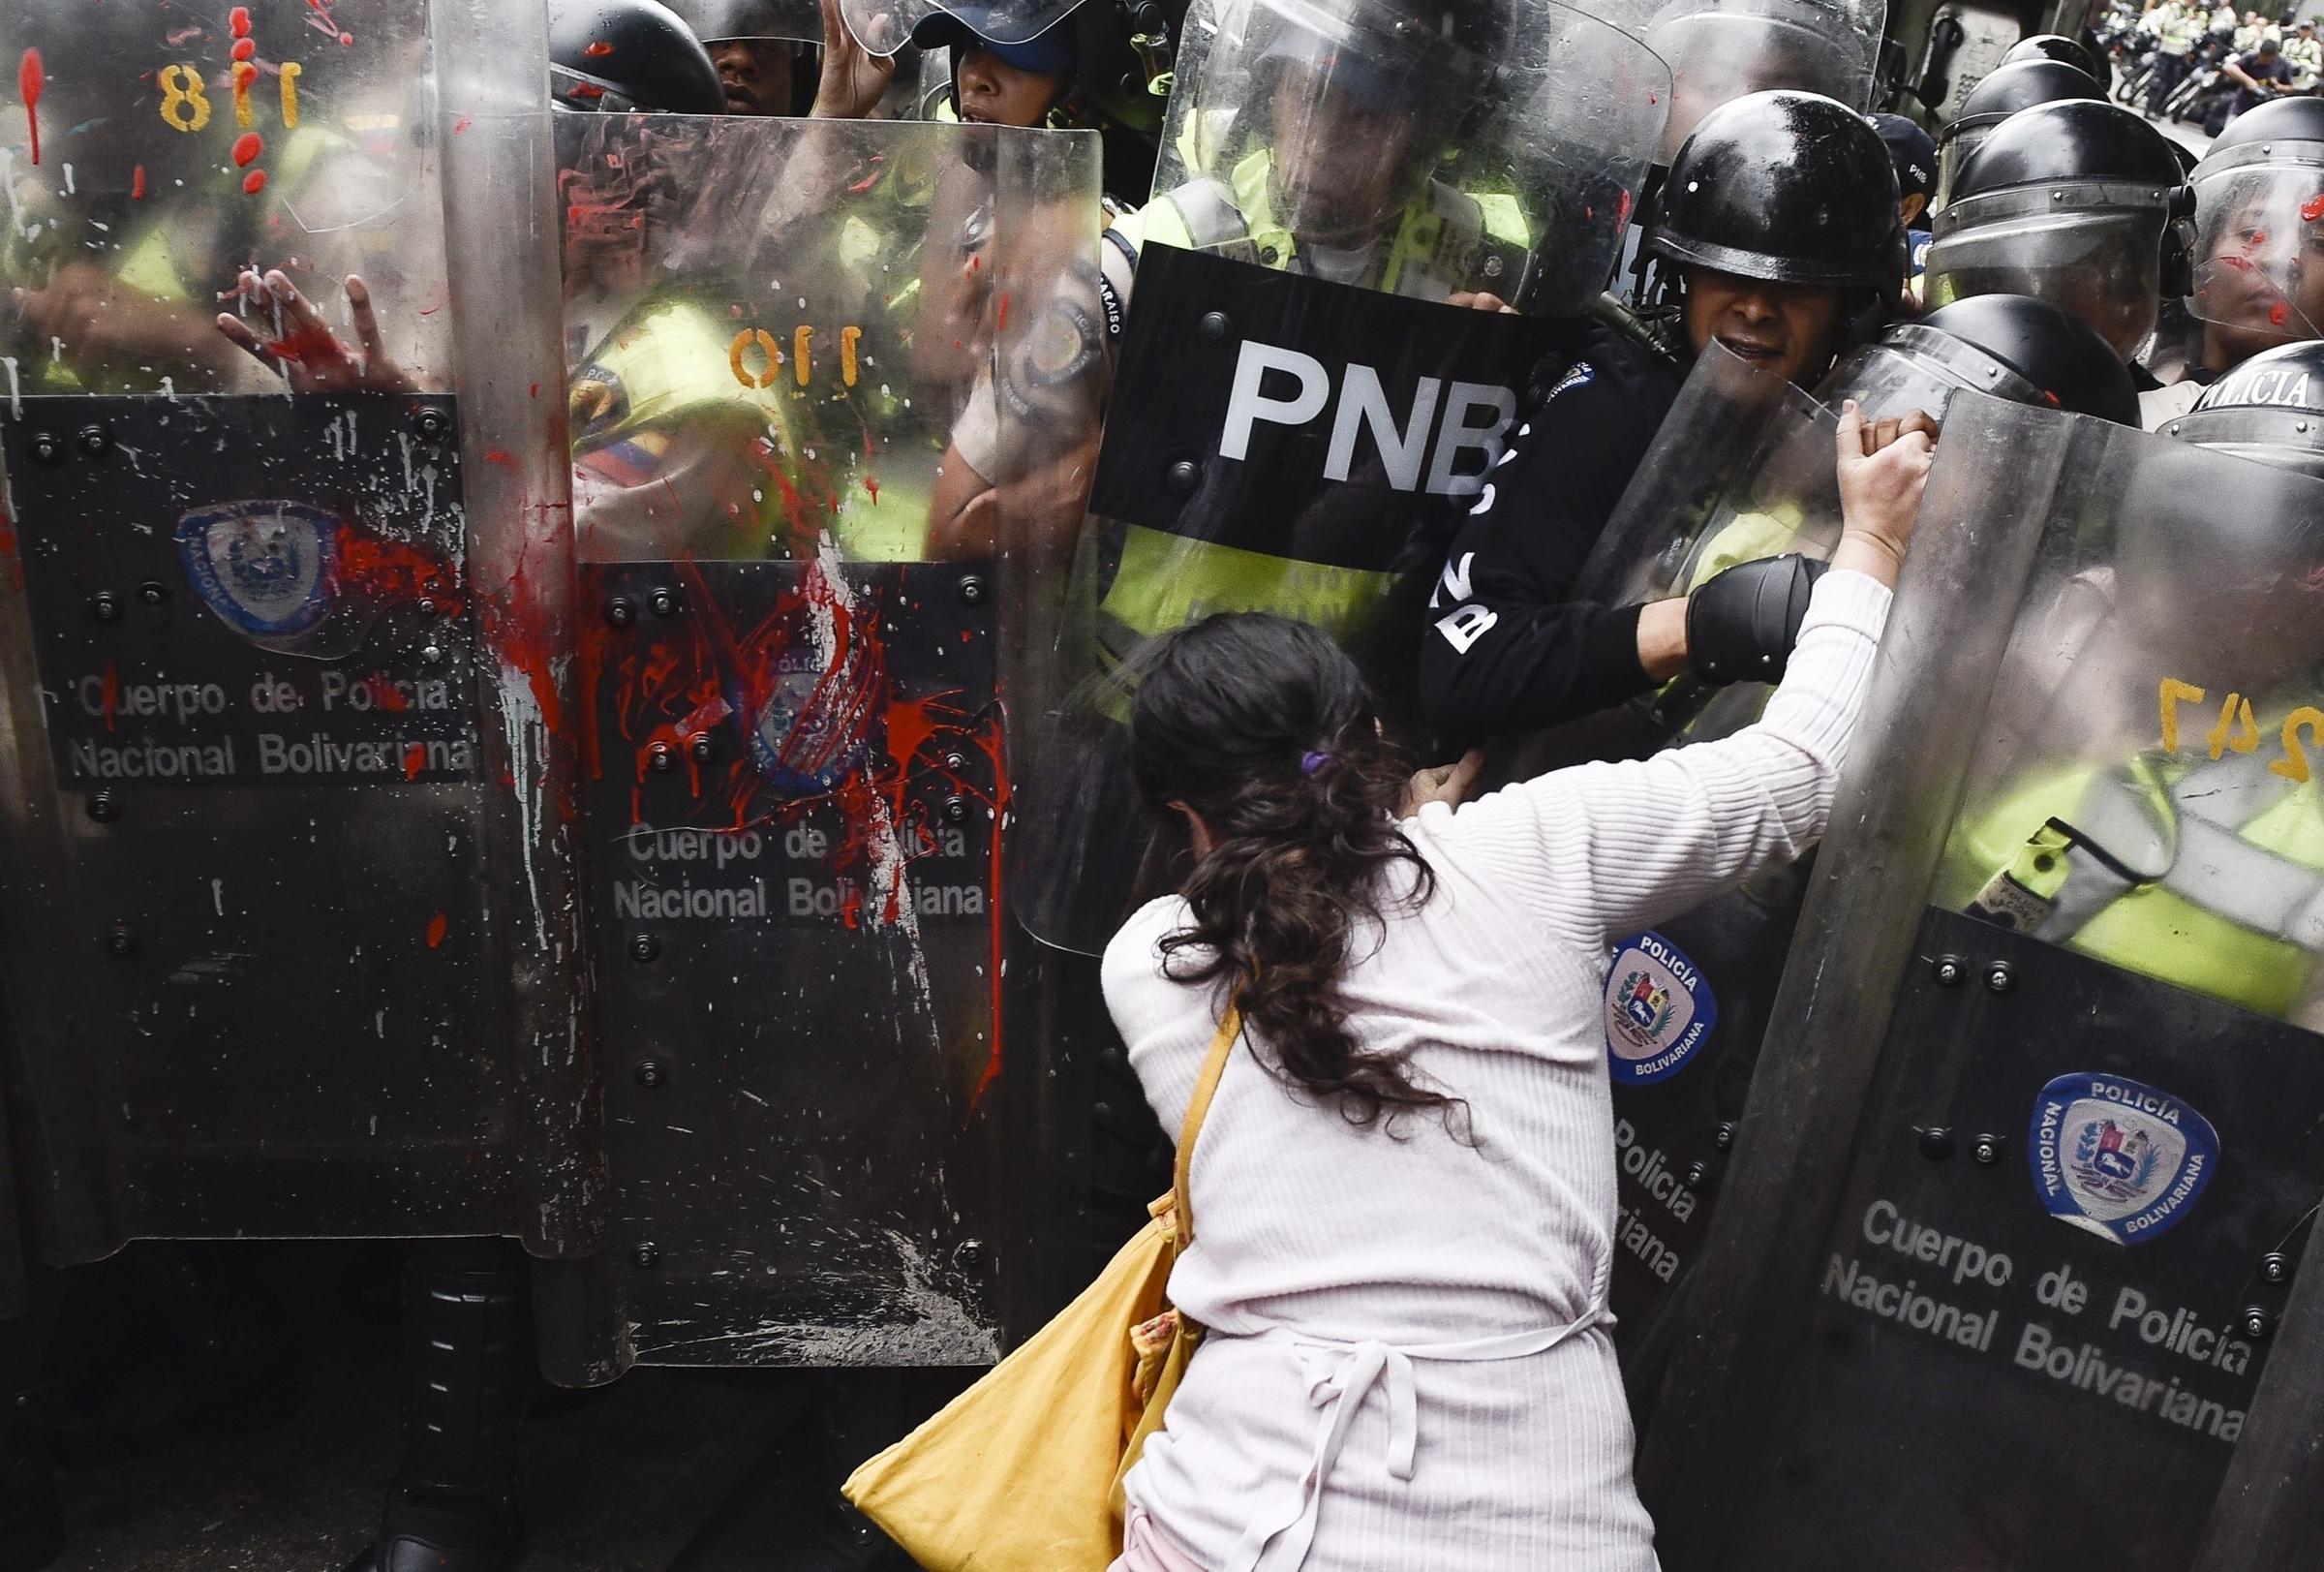 Unrest in Caracas